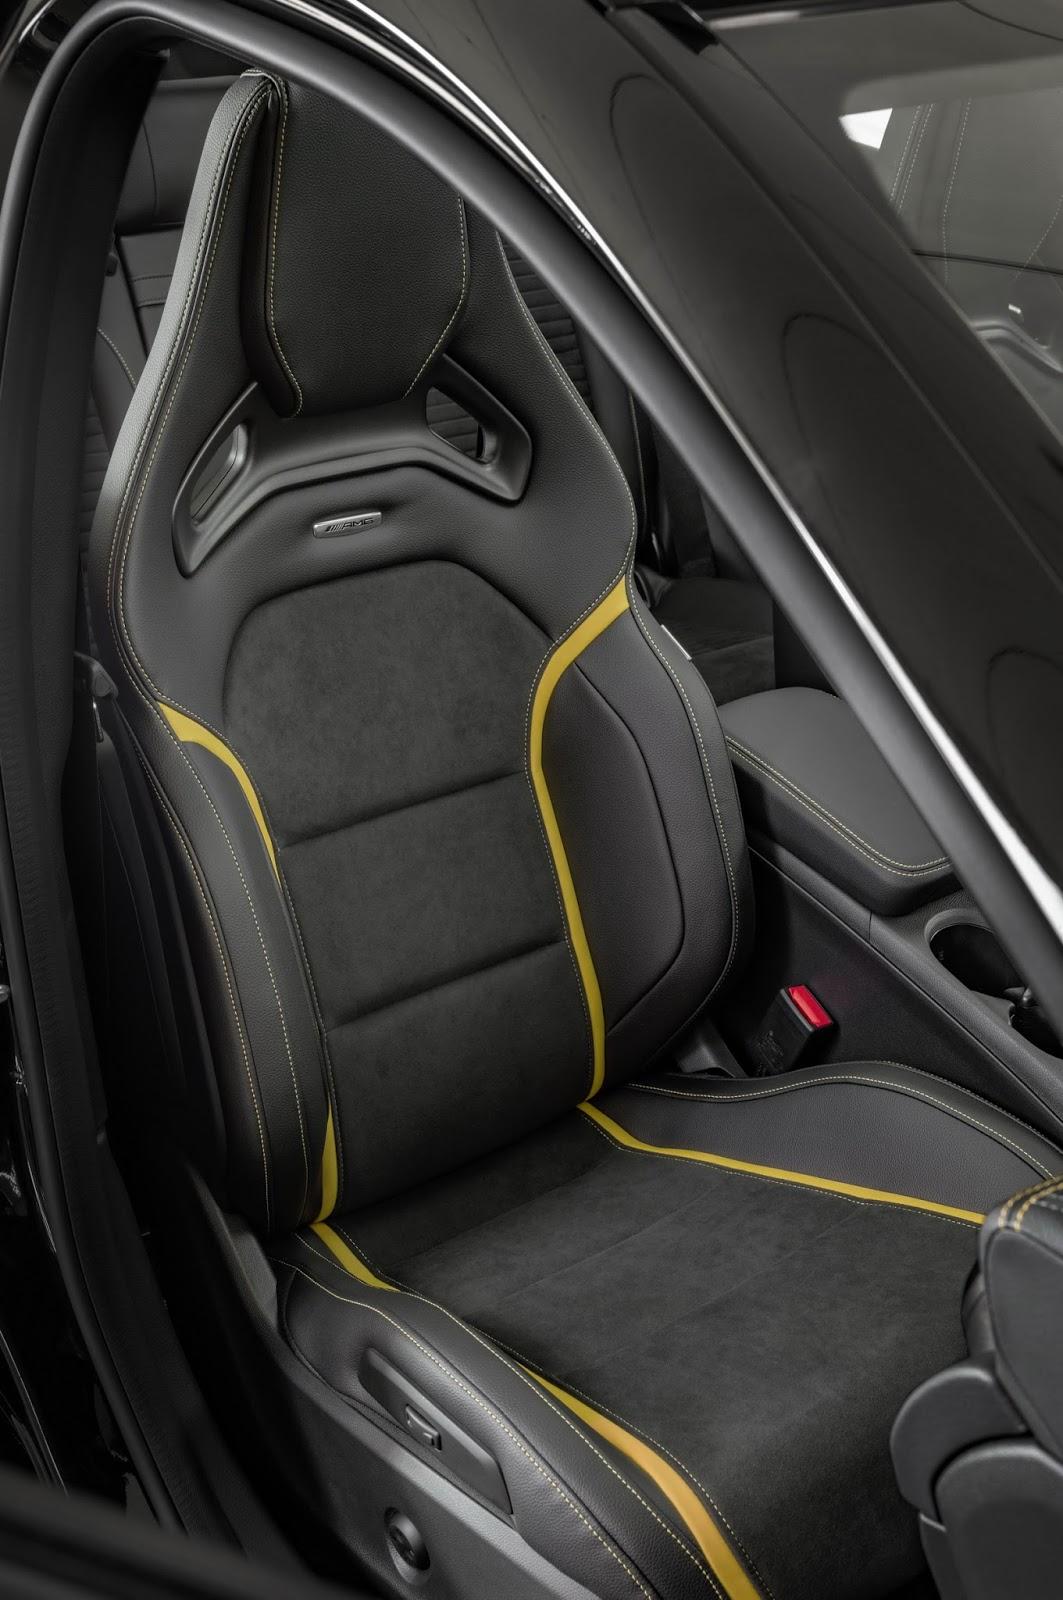 Mercedes GLA facelift and GLA 45 AMG facelift 2017 (79)